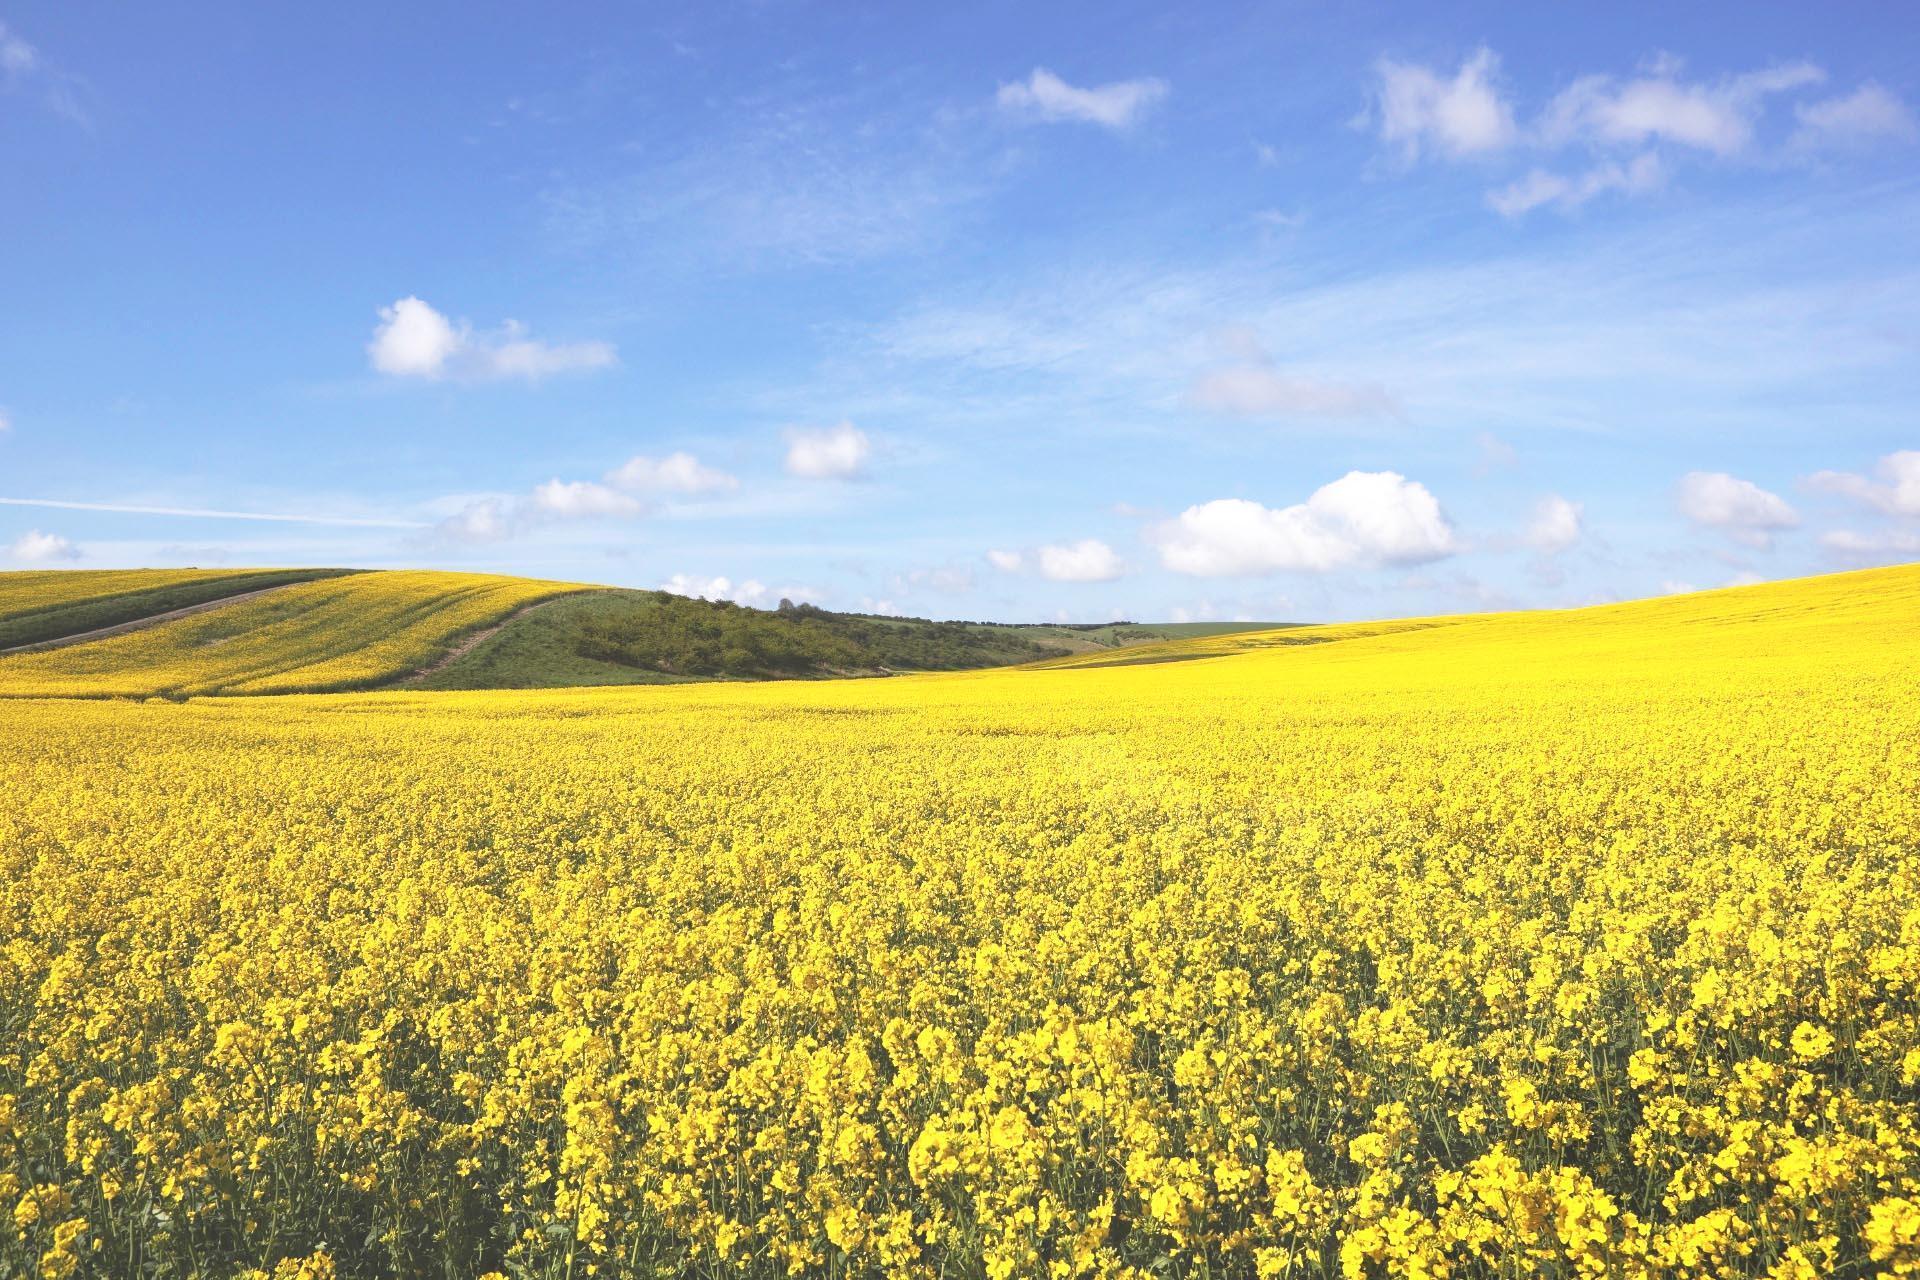 青空の下の菜の花畑 ヨークシャー・ウォルズの春の風景 イングランドの風景